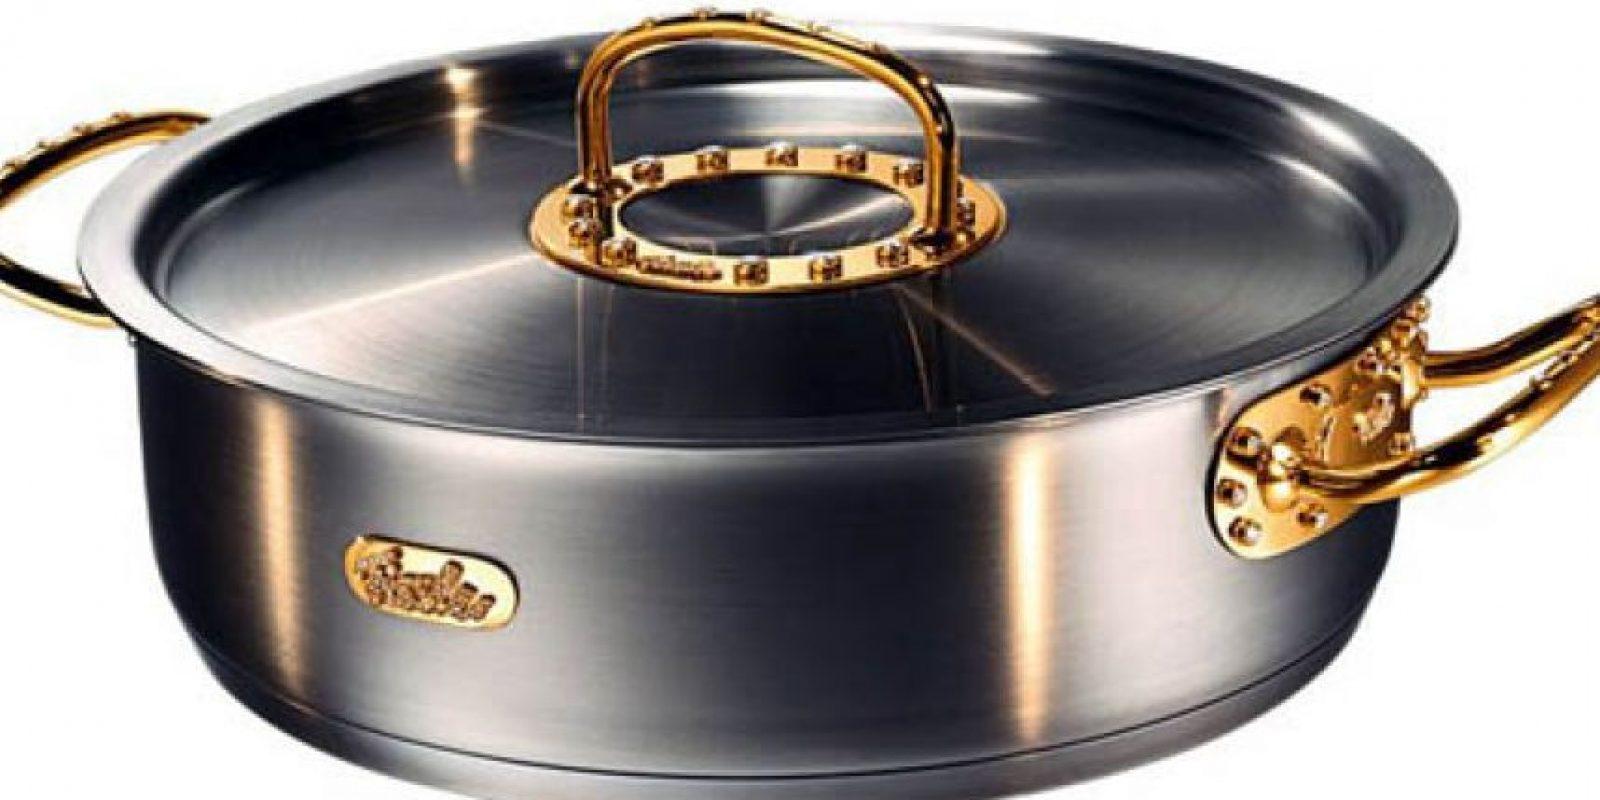 Olla de oro y diamantes. $155,000 dólares Foto:coolmaterial.com